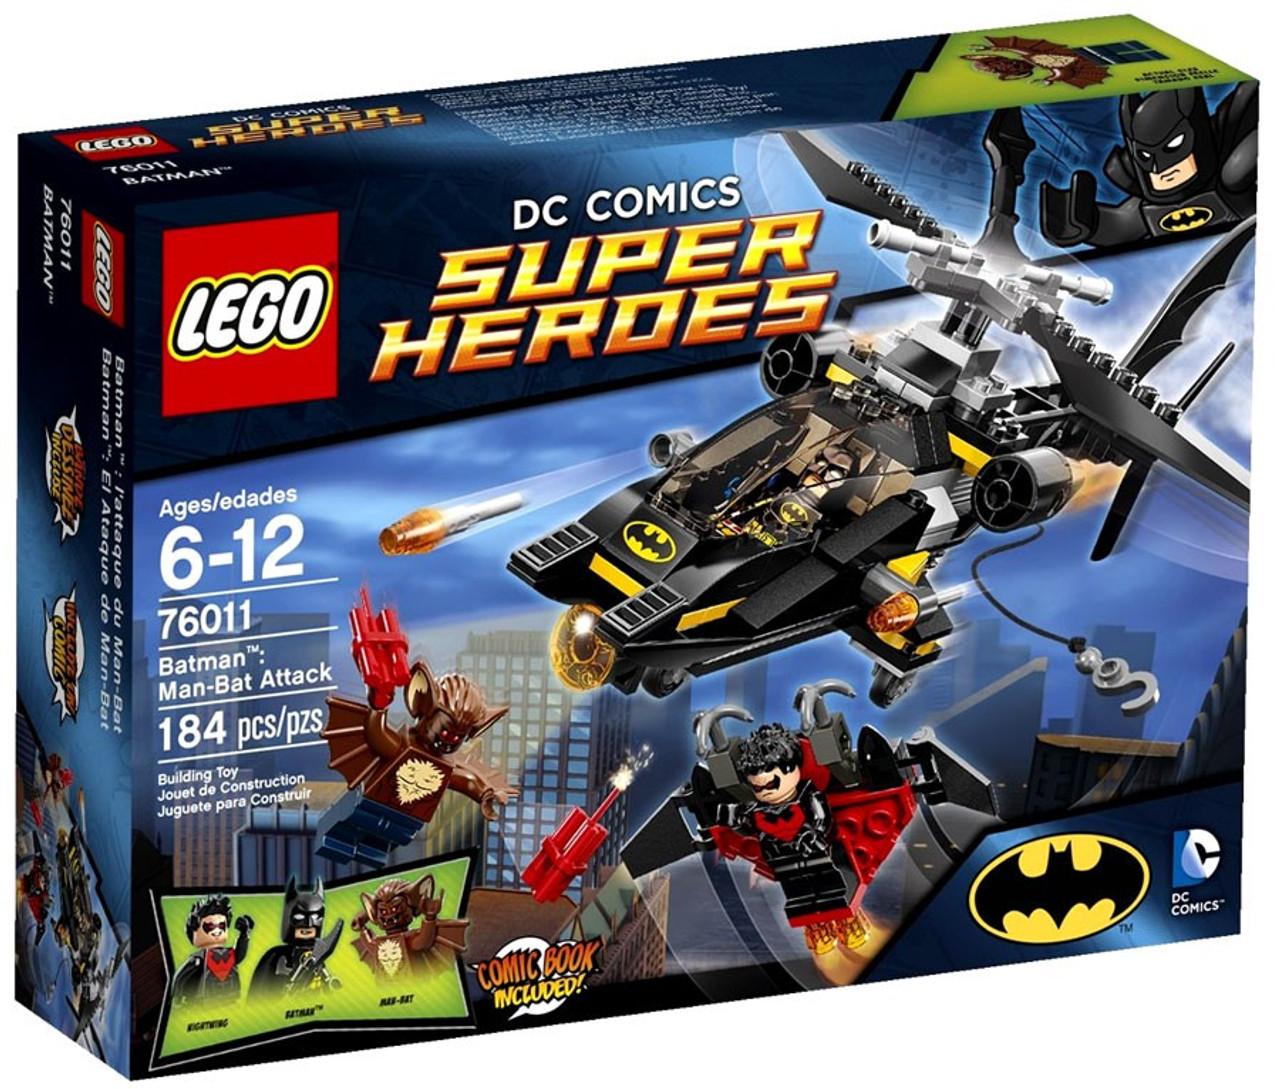 LEGO DC Universe Super Heroes Batman: Man-Bat Attack Set #76011